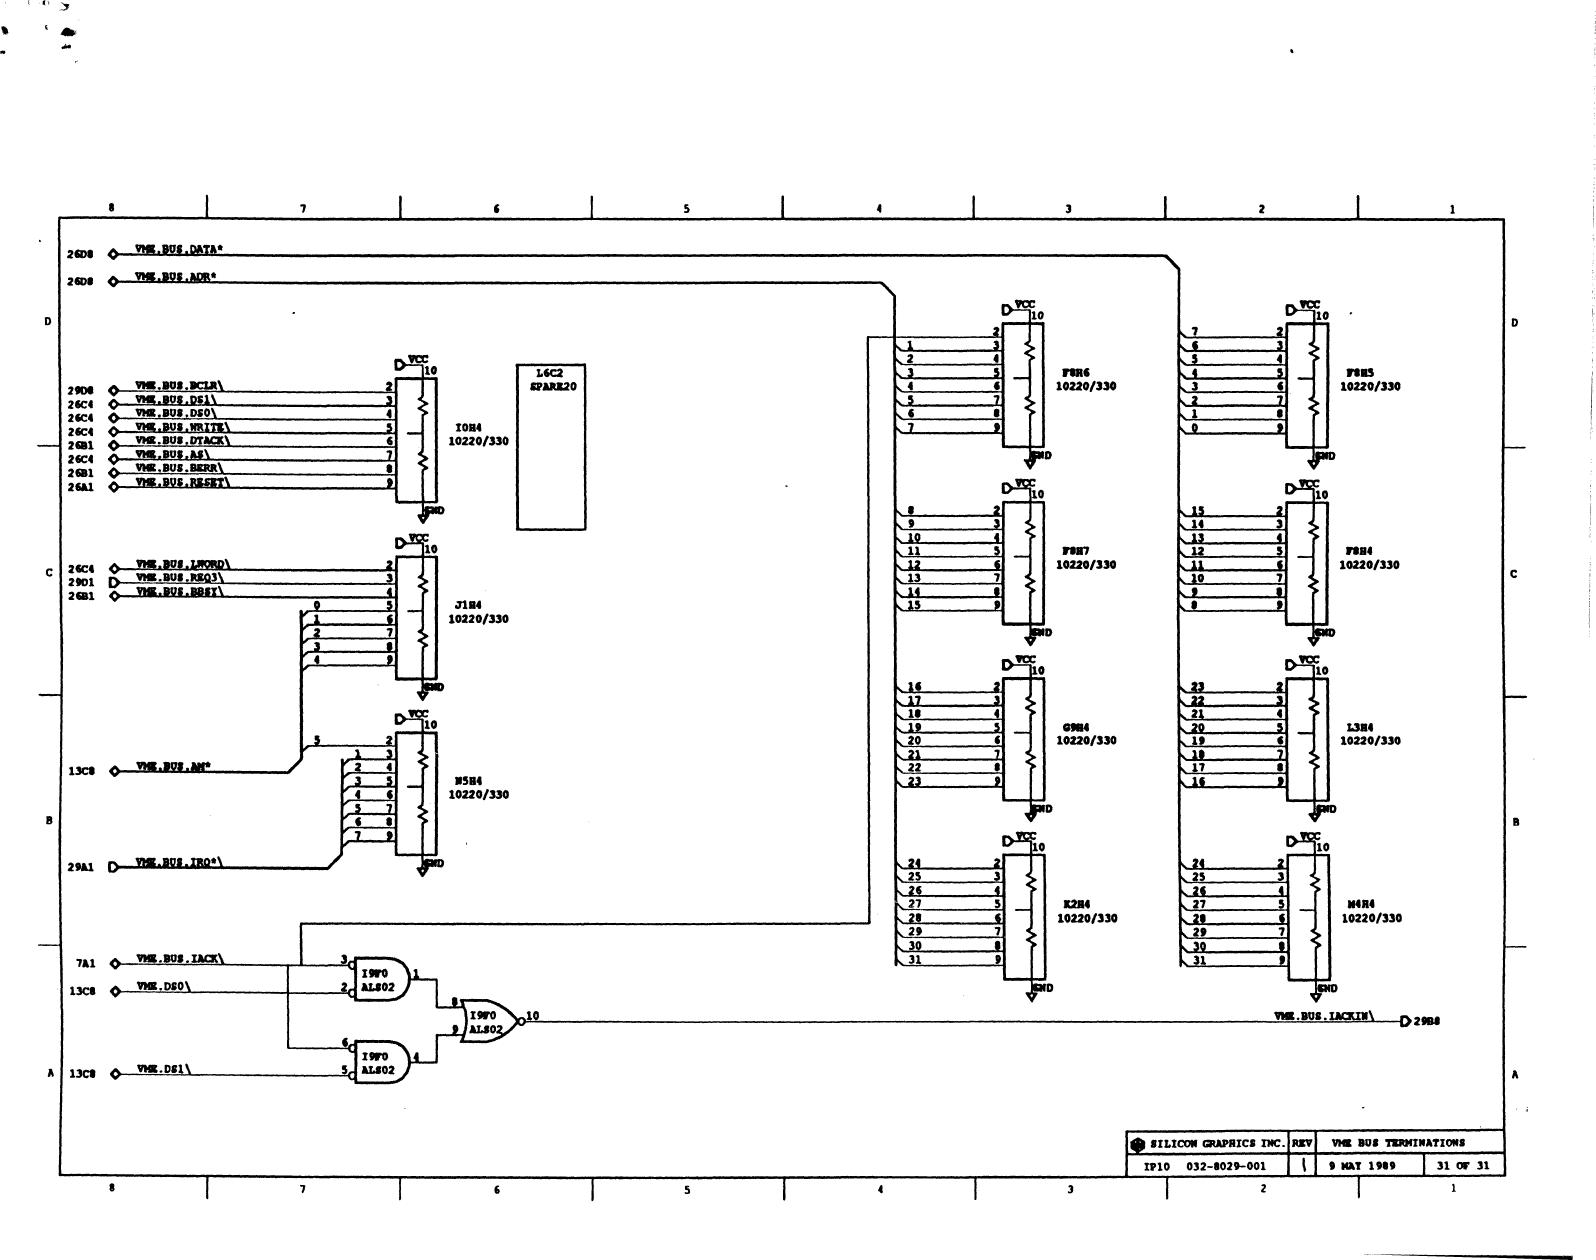 SGI_IP 10_Schematic SGI IP 10 Schematic on